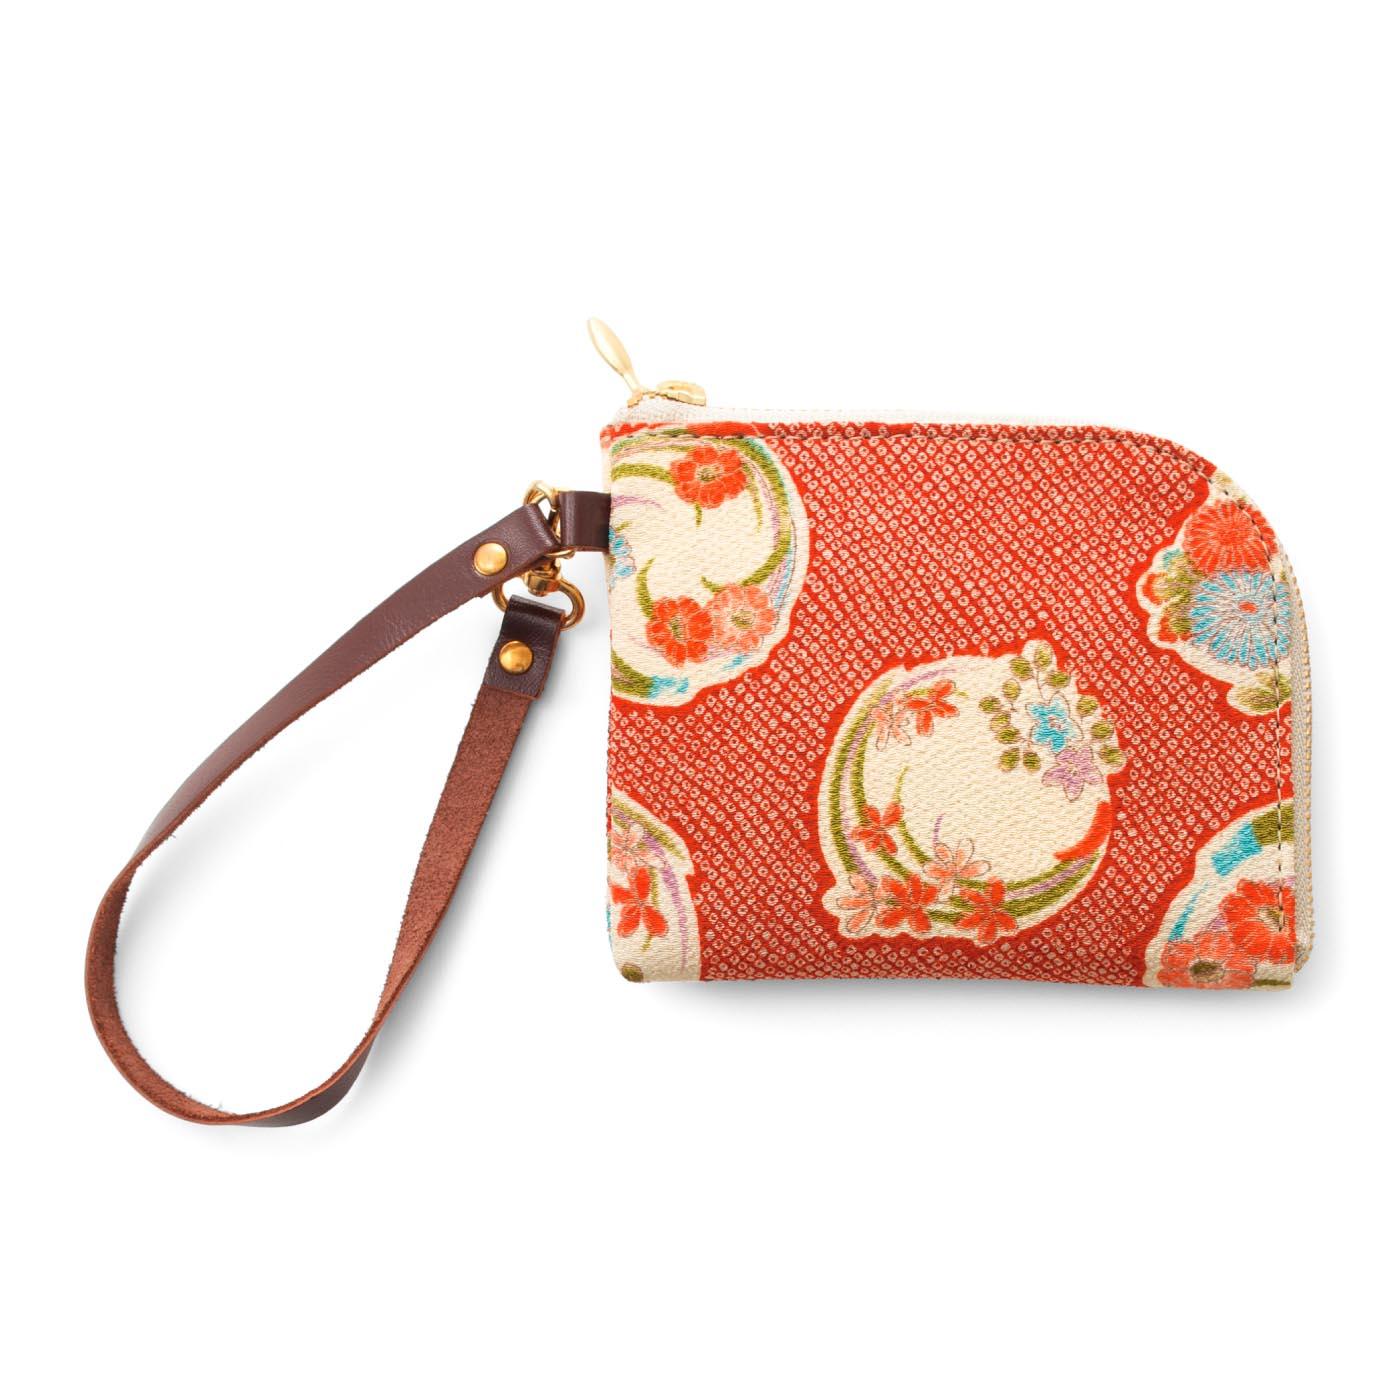 花冠 バッグの持ち手に取り付けられます。